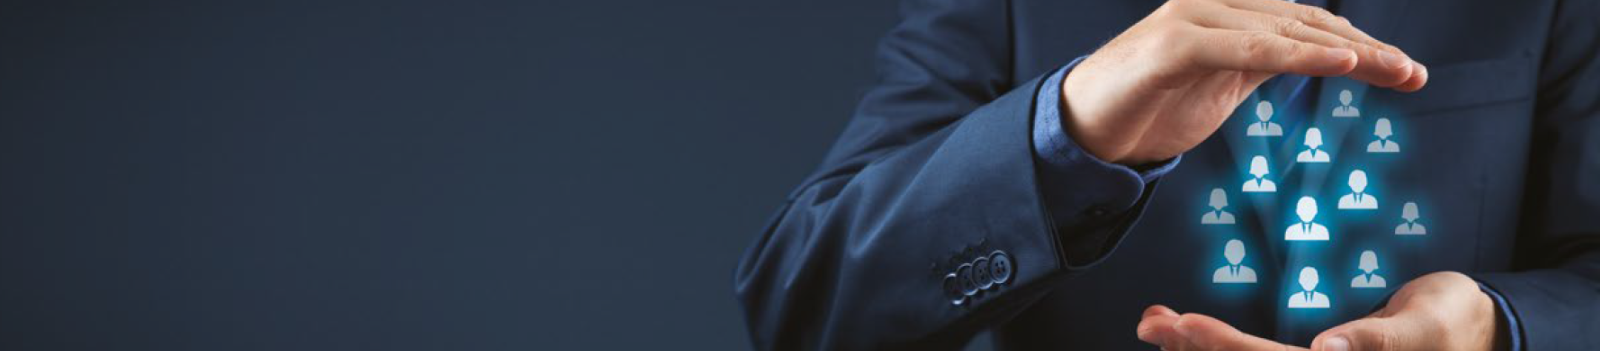 Applications informatiques, il s'agit notamment des progiciels qui permettent de traiter directement avec le client, que ce soit sur le plan de la vente, du marketing ou du service, et que l'on regroupe souvent sous le terme de « front-office », ceci par opposition aux outils de « back-office » que sont les progiciels de gestion intégrés.